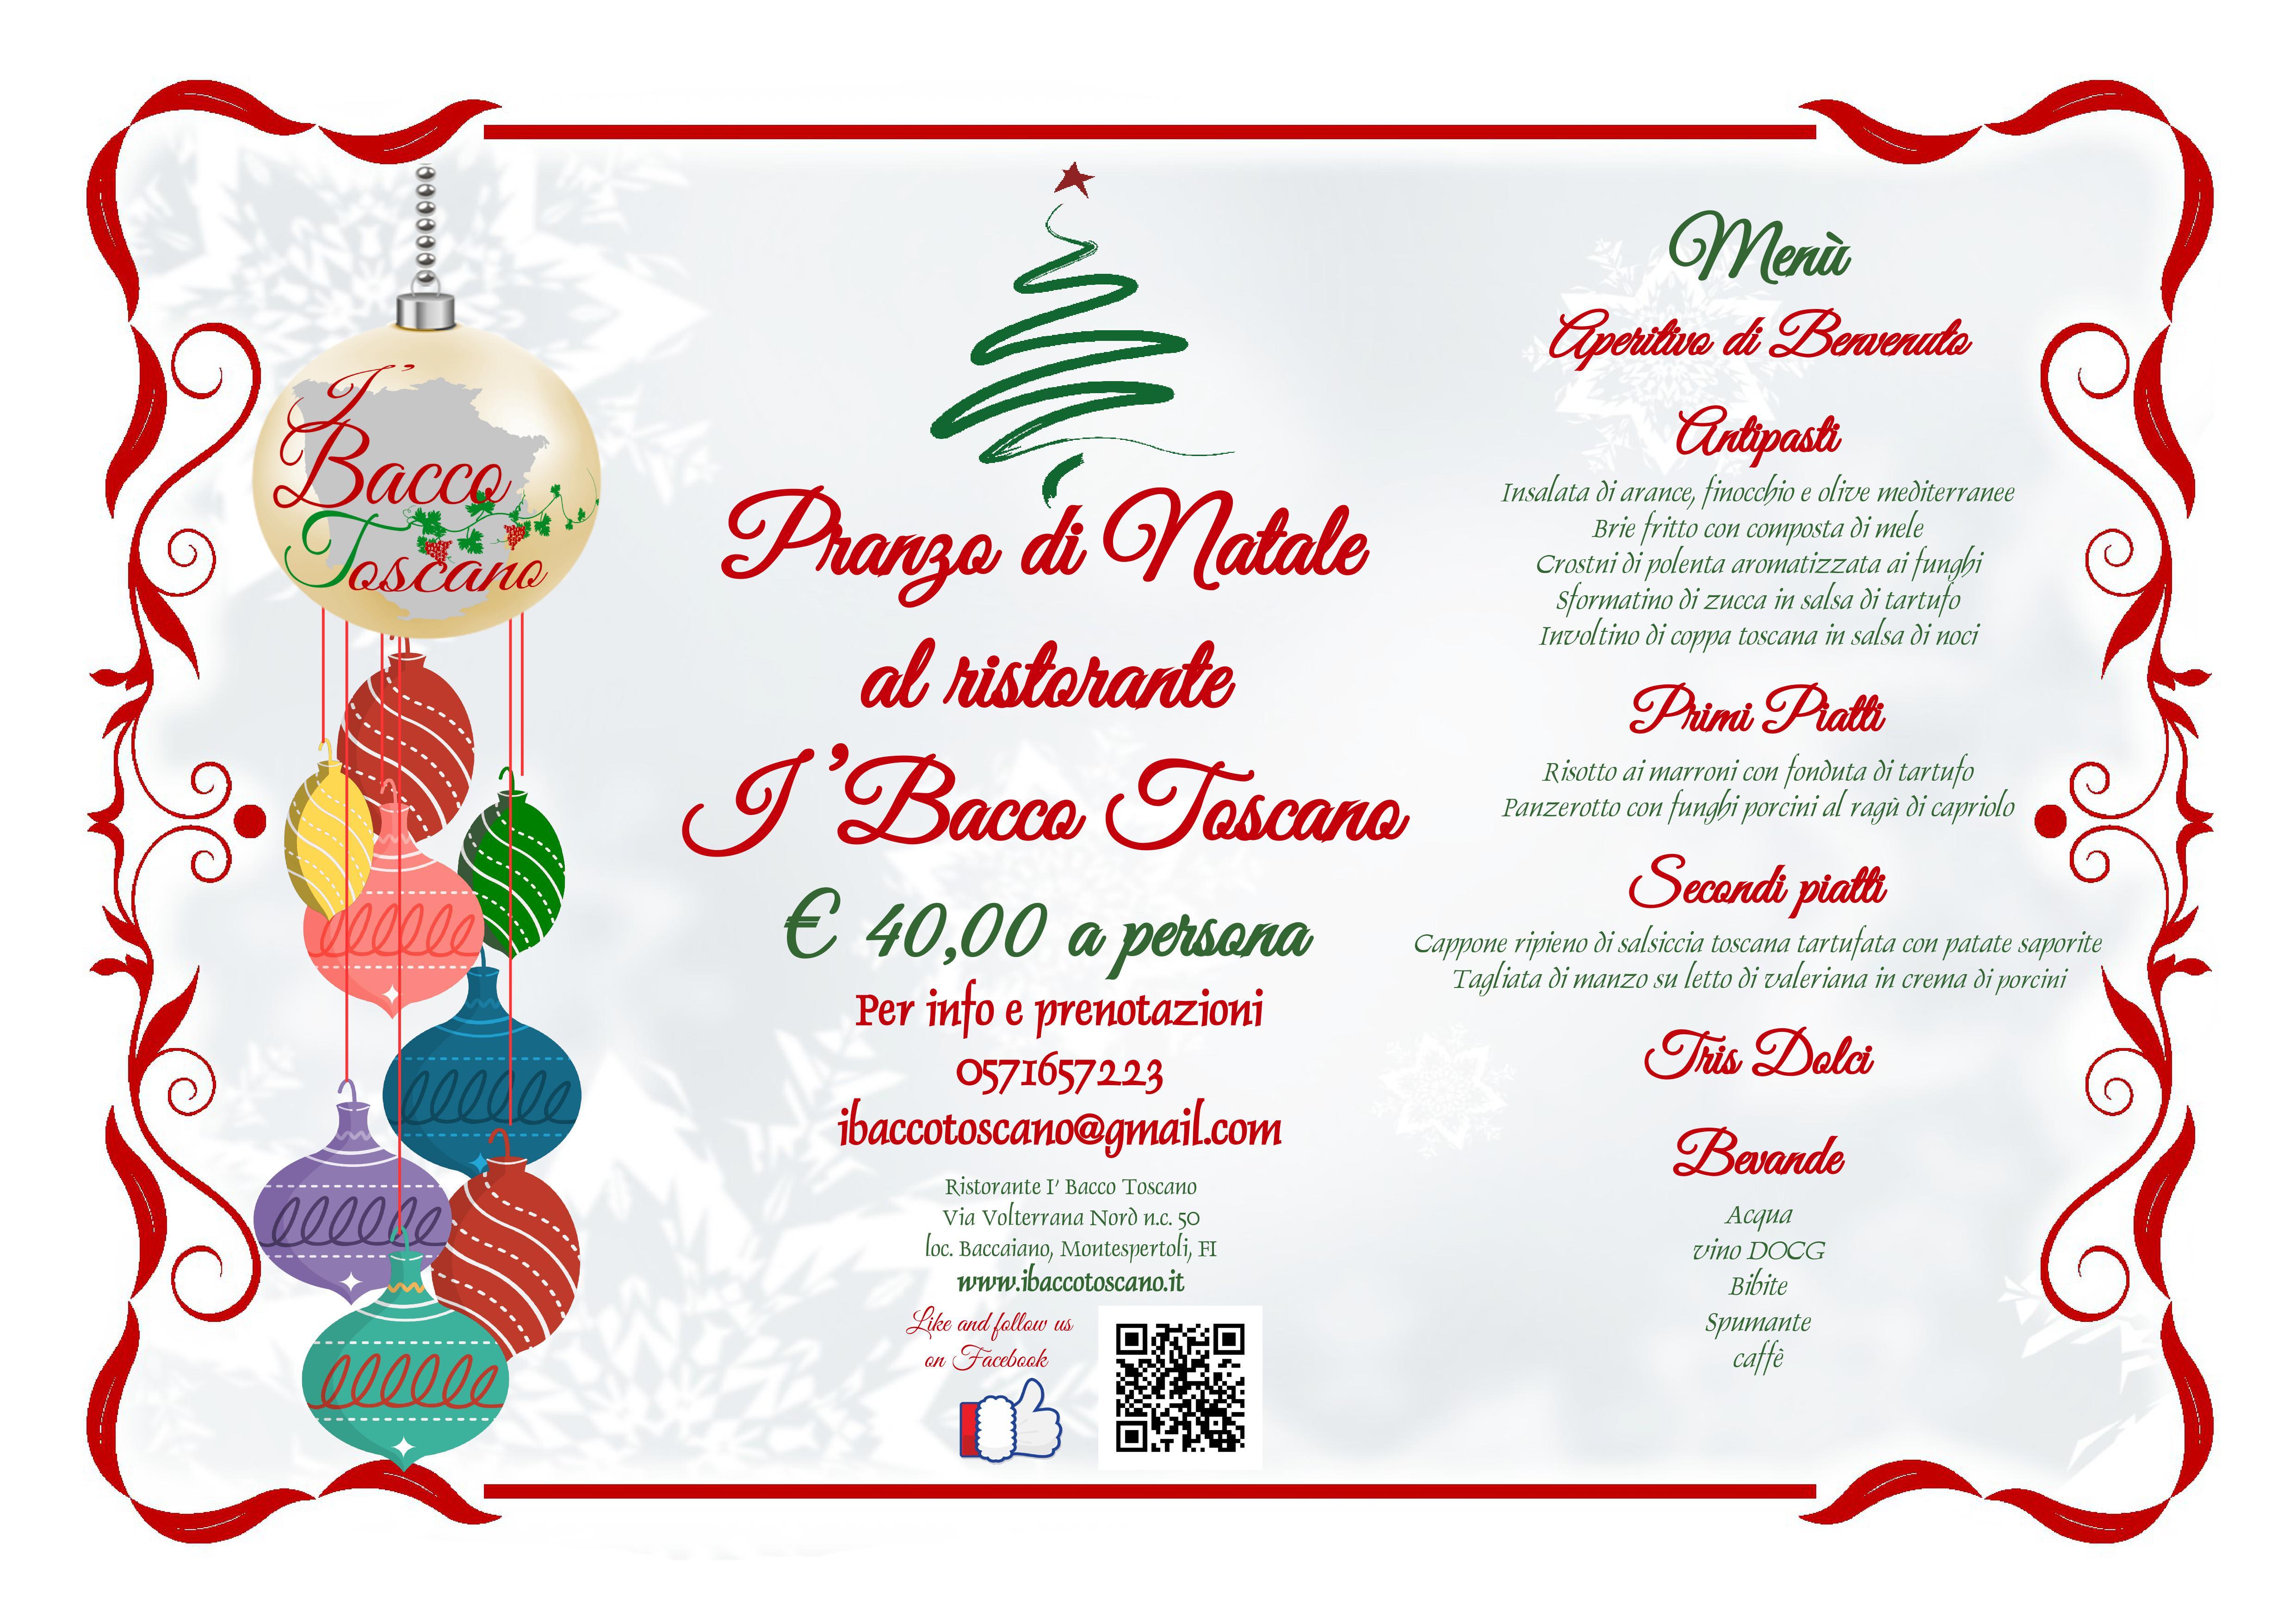 Un Menu Per Il Pranzo Di Natale.Blog I Bacco Toscano